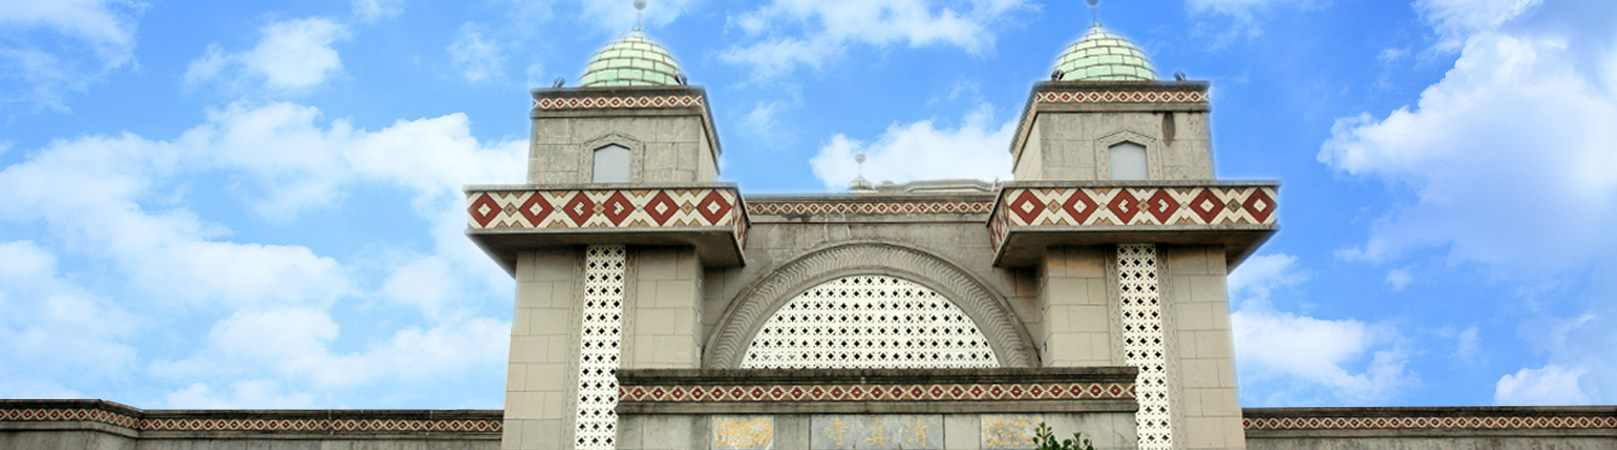 大安區古蹟-清真寺